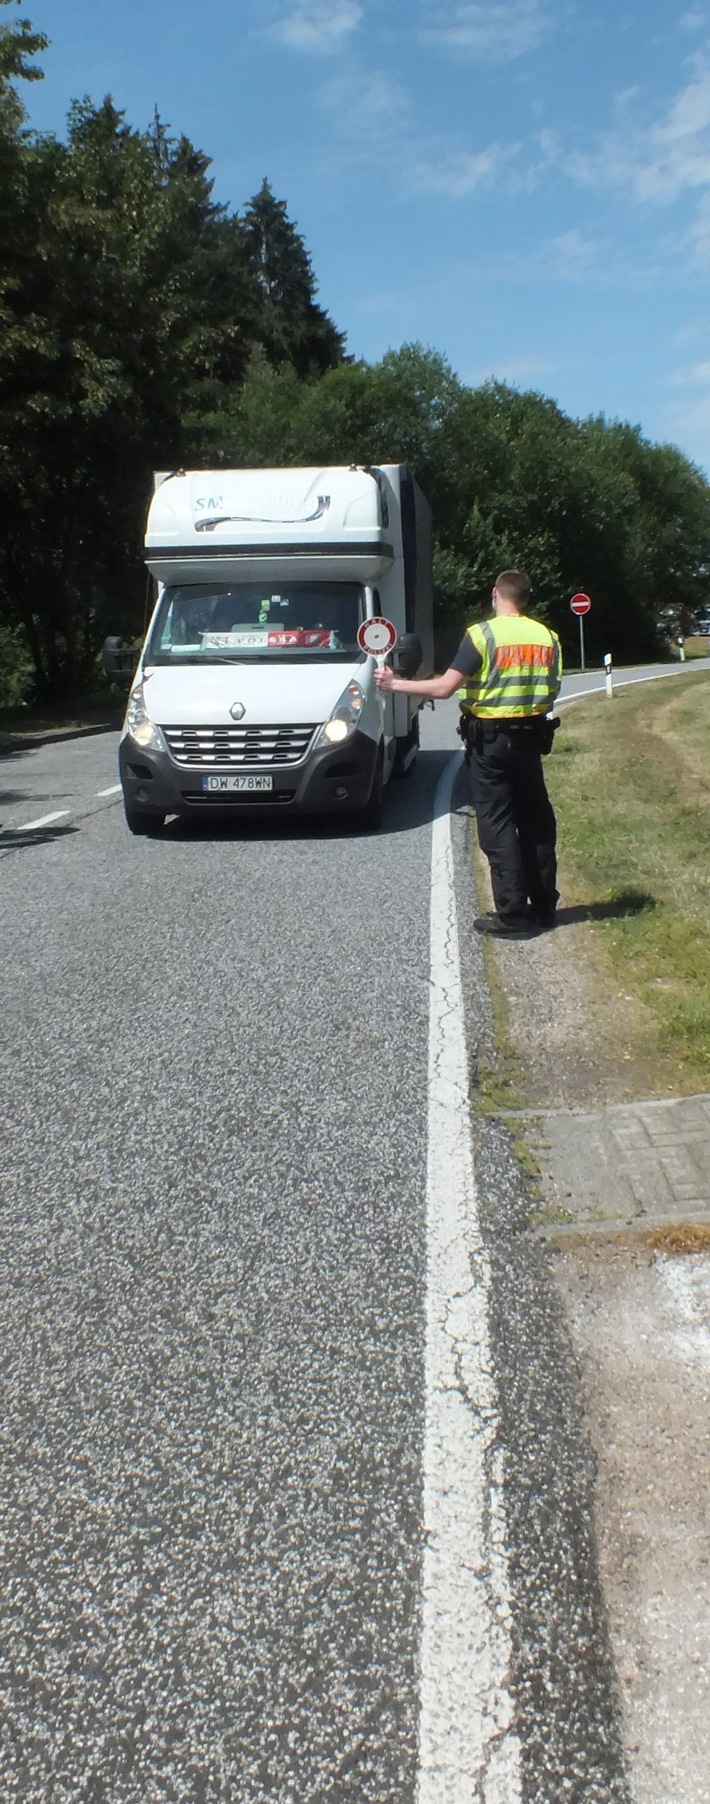 Grenüberwachungsmaßnahmen an der belgischen Grenze; durchgeführt durch die Bundespolizei Prüm und der Mobilen Kontroll- und Überwachungseinheit der Bundespolizeidirektion Koblenz; Foto: Bundespolizei